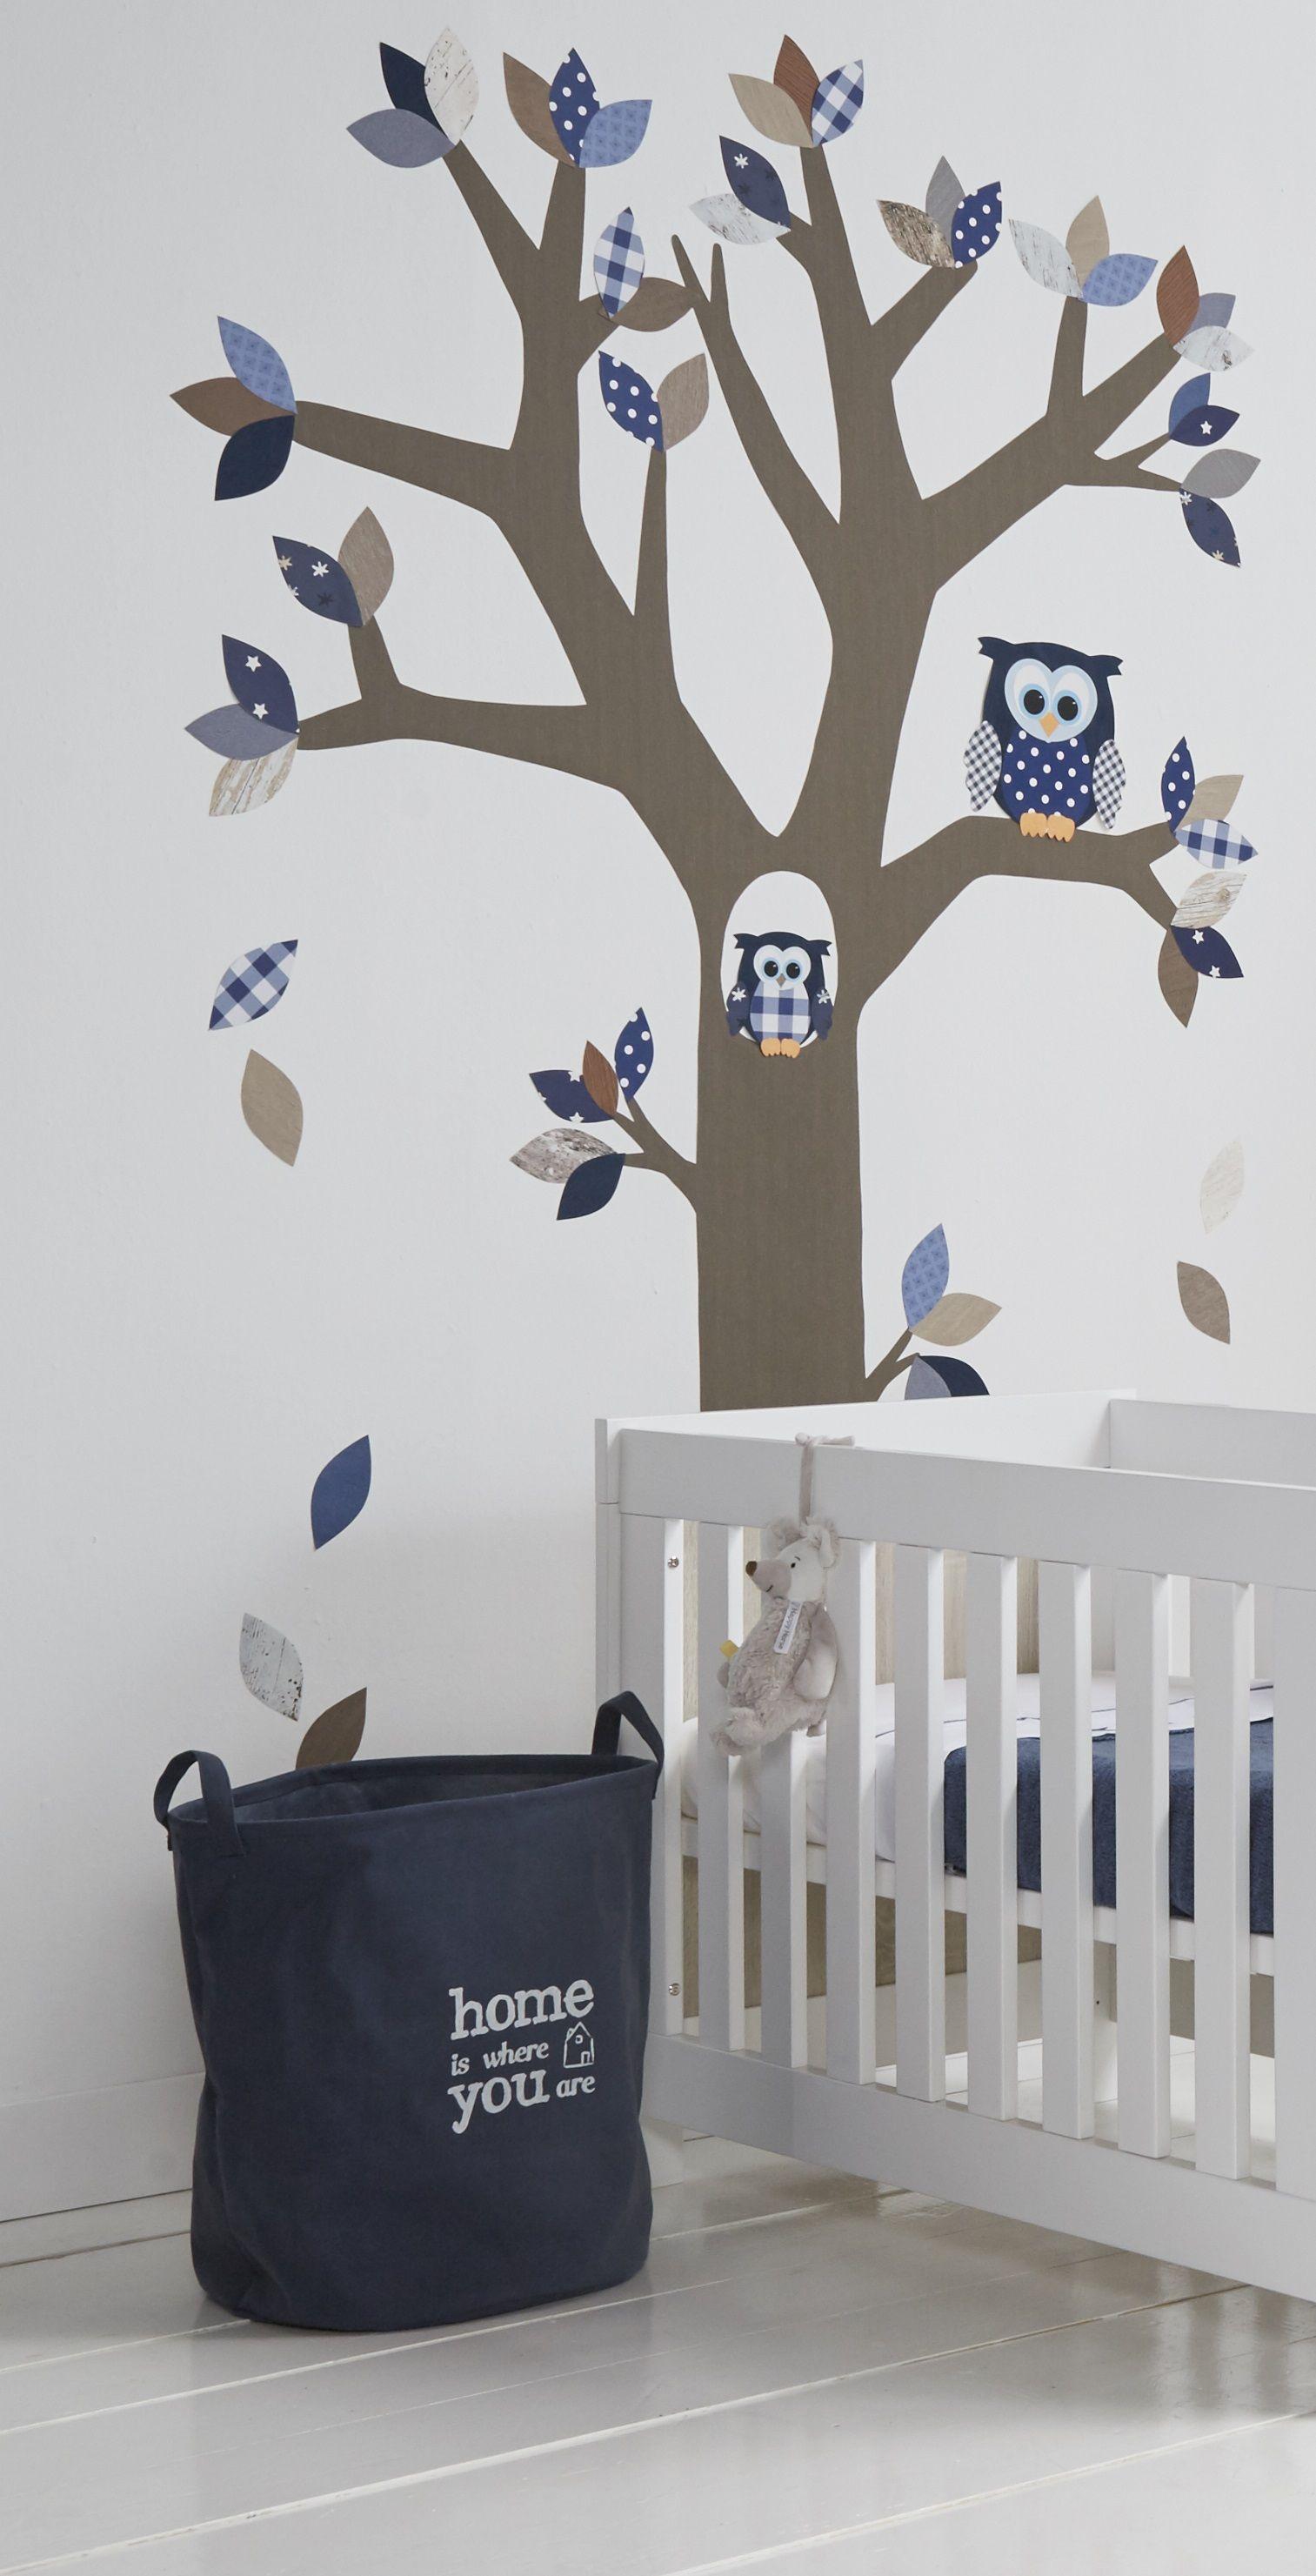 behangboom met uil muurdecoratie kinderkamer- babykamer www, Deco ideeën